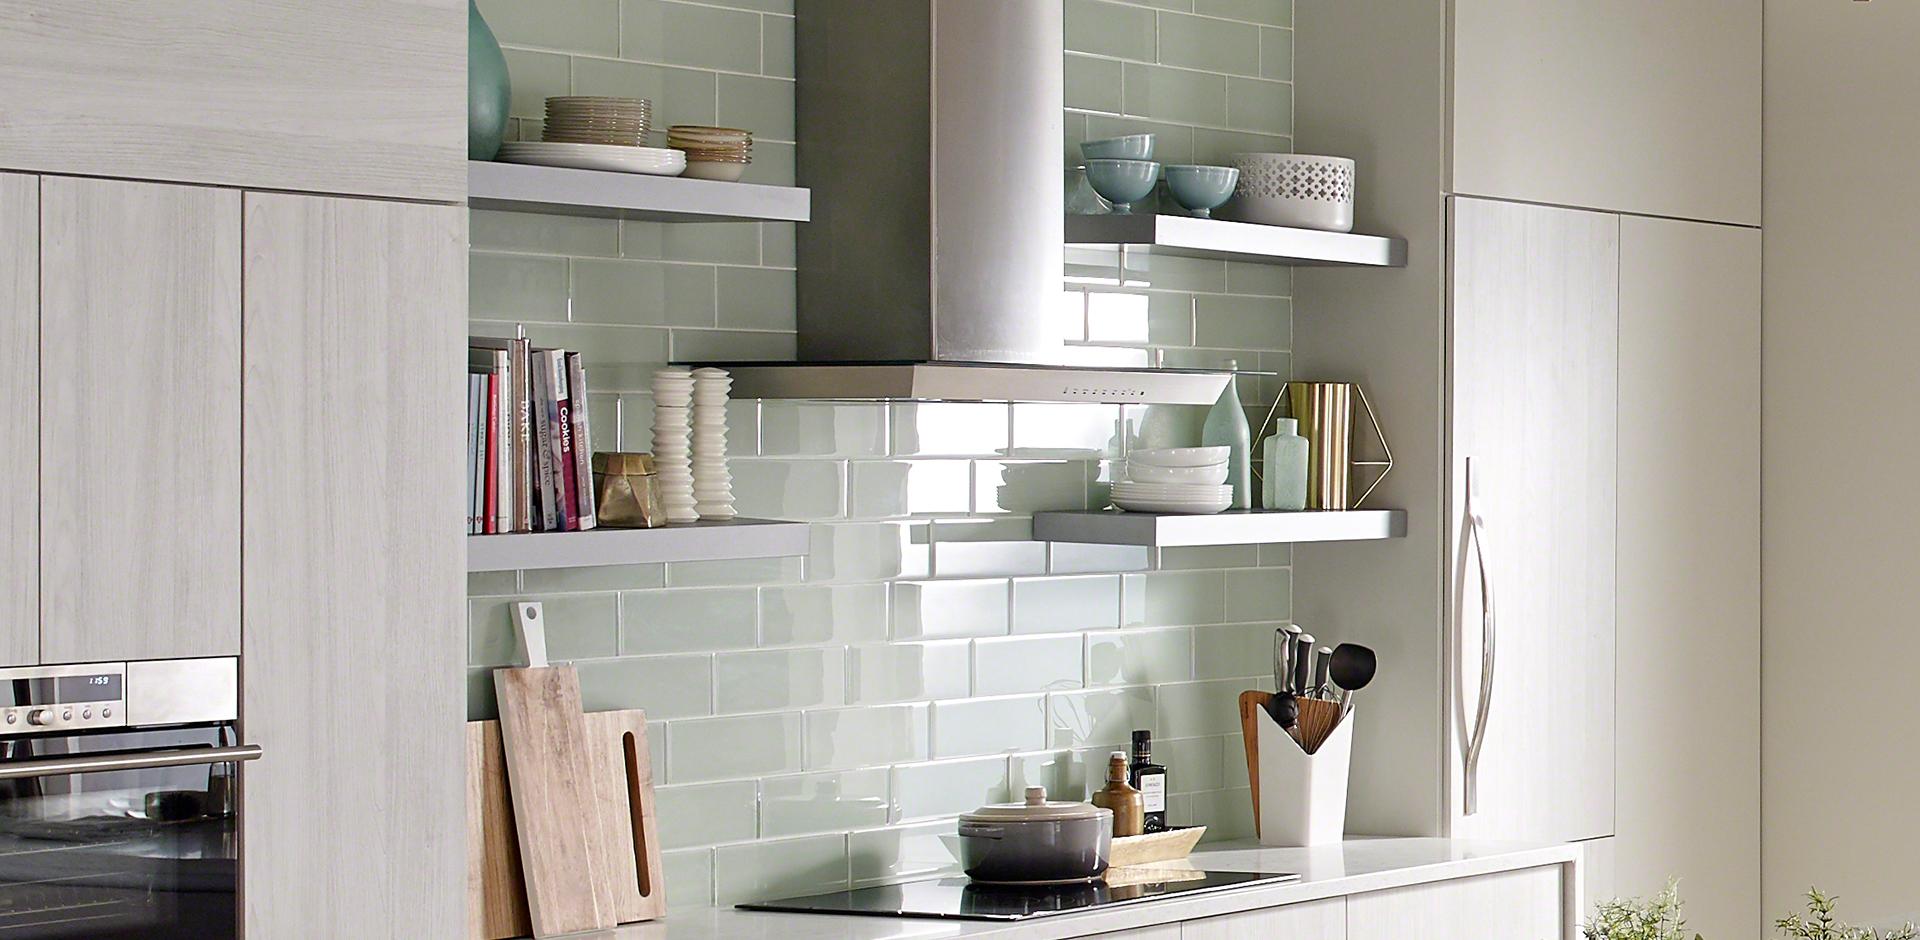 - Kitchen Room Scene Marbella White Quartz